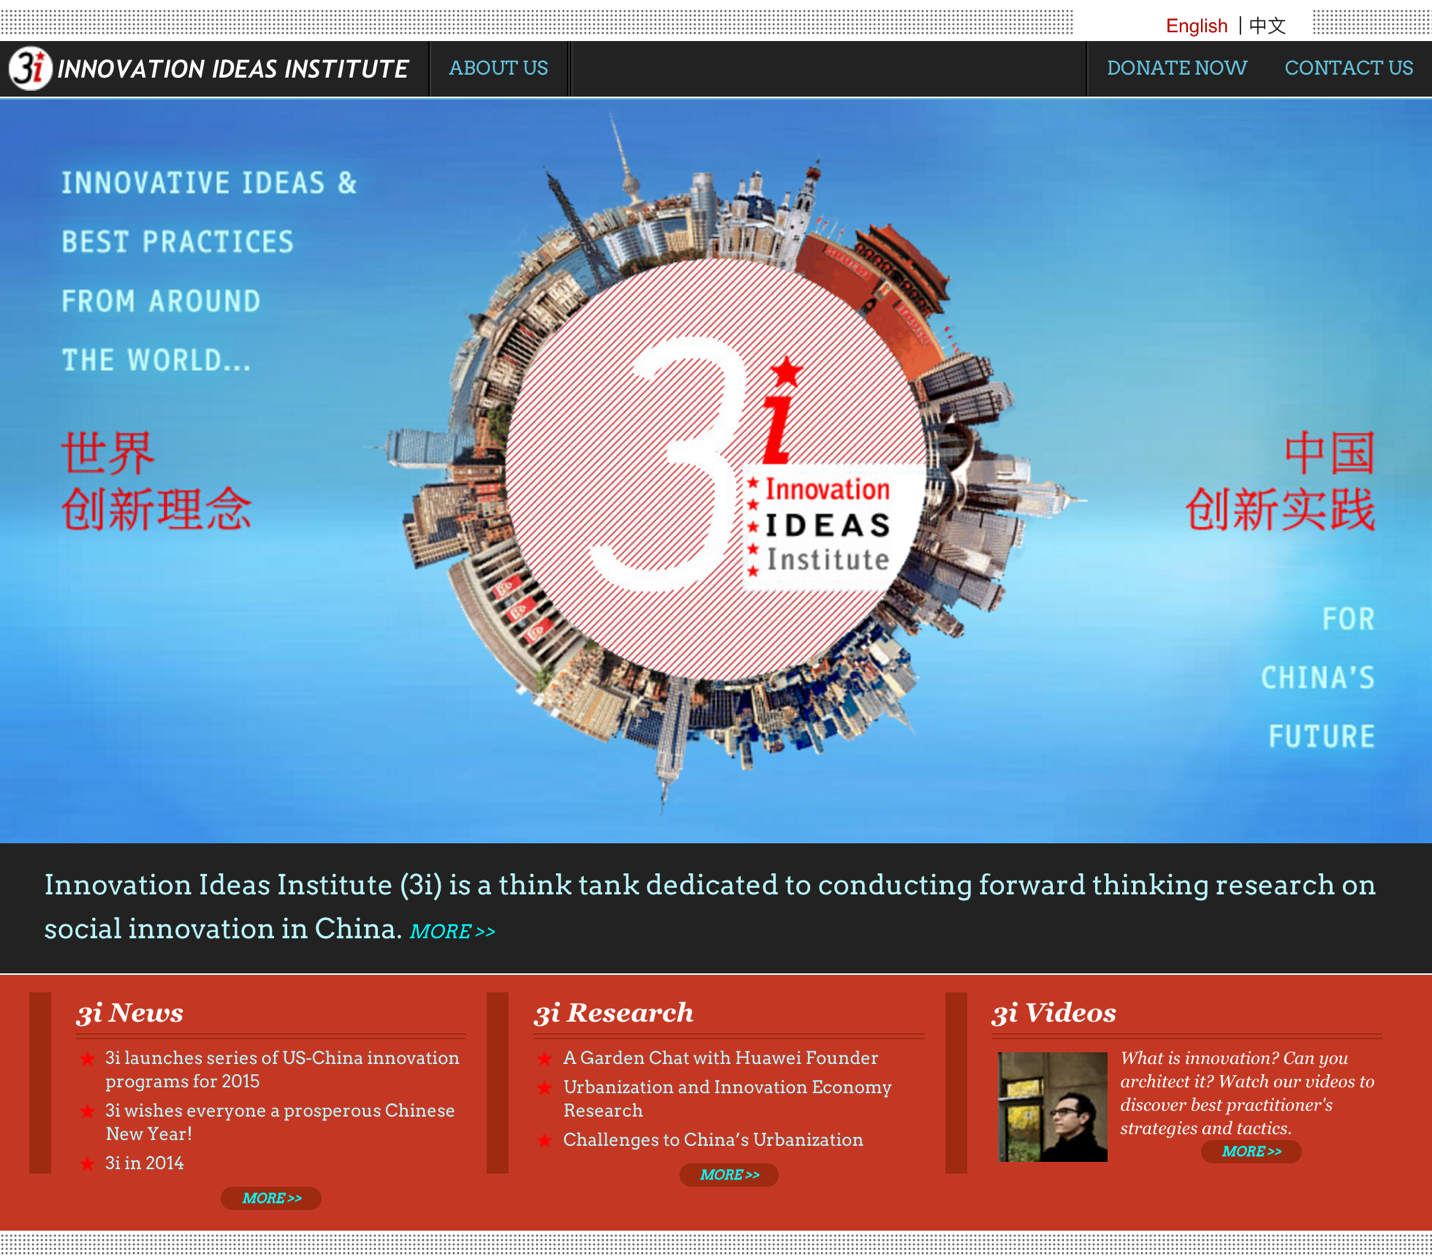 jritt website and branding for consulting group